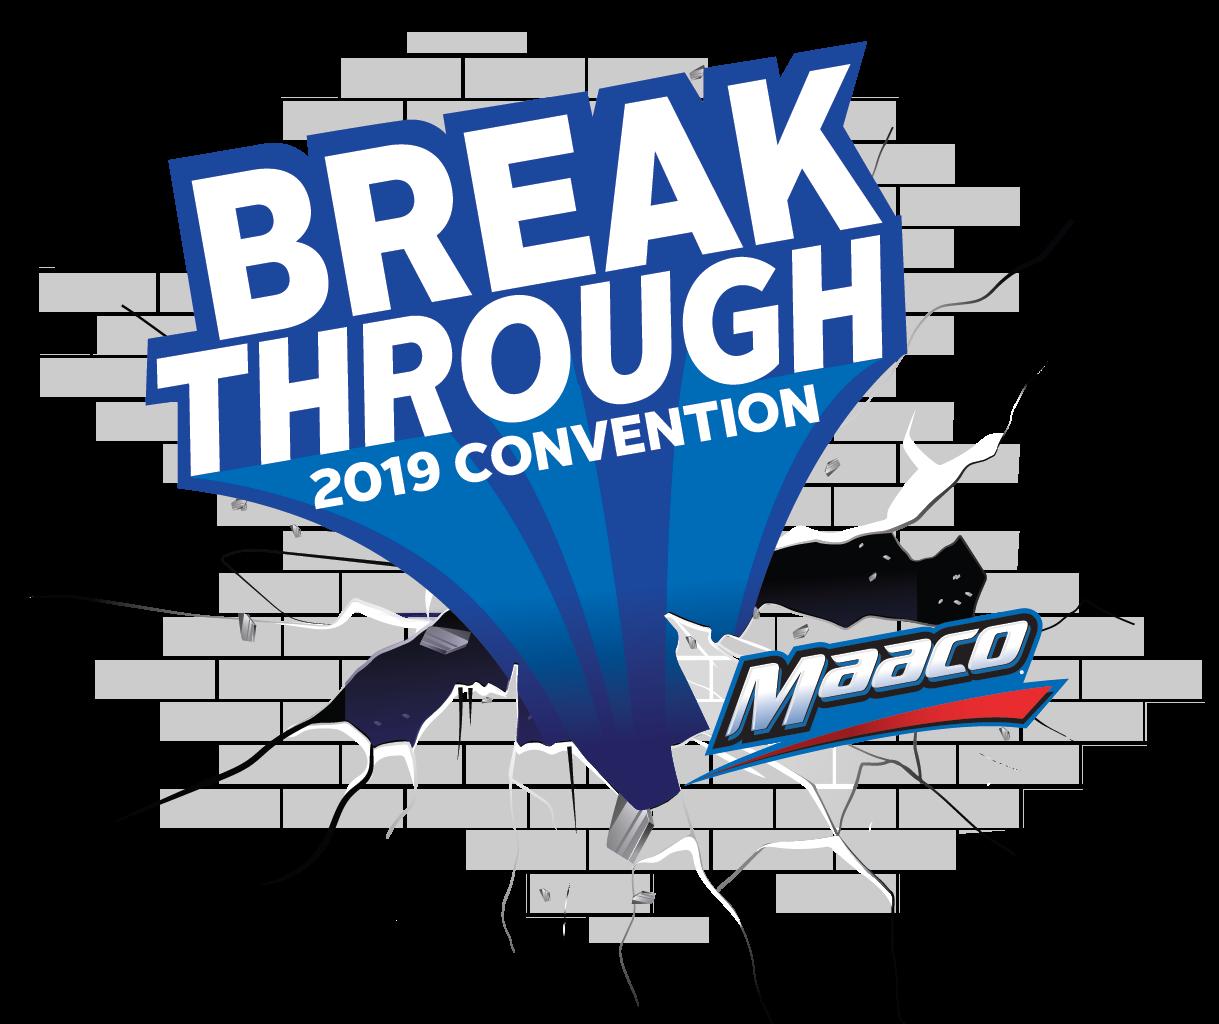 maaco convention logo copy.